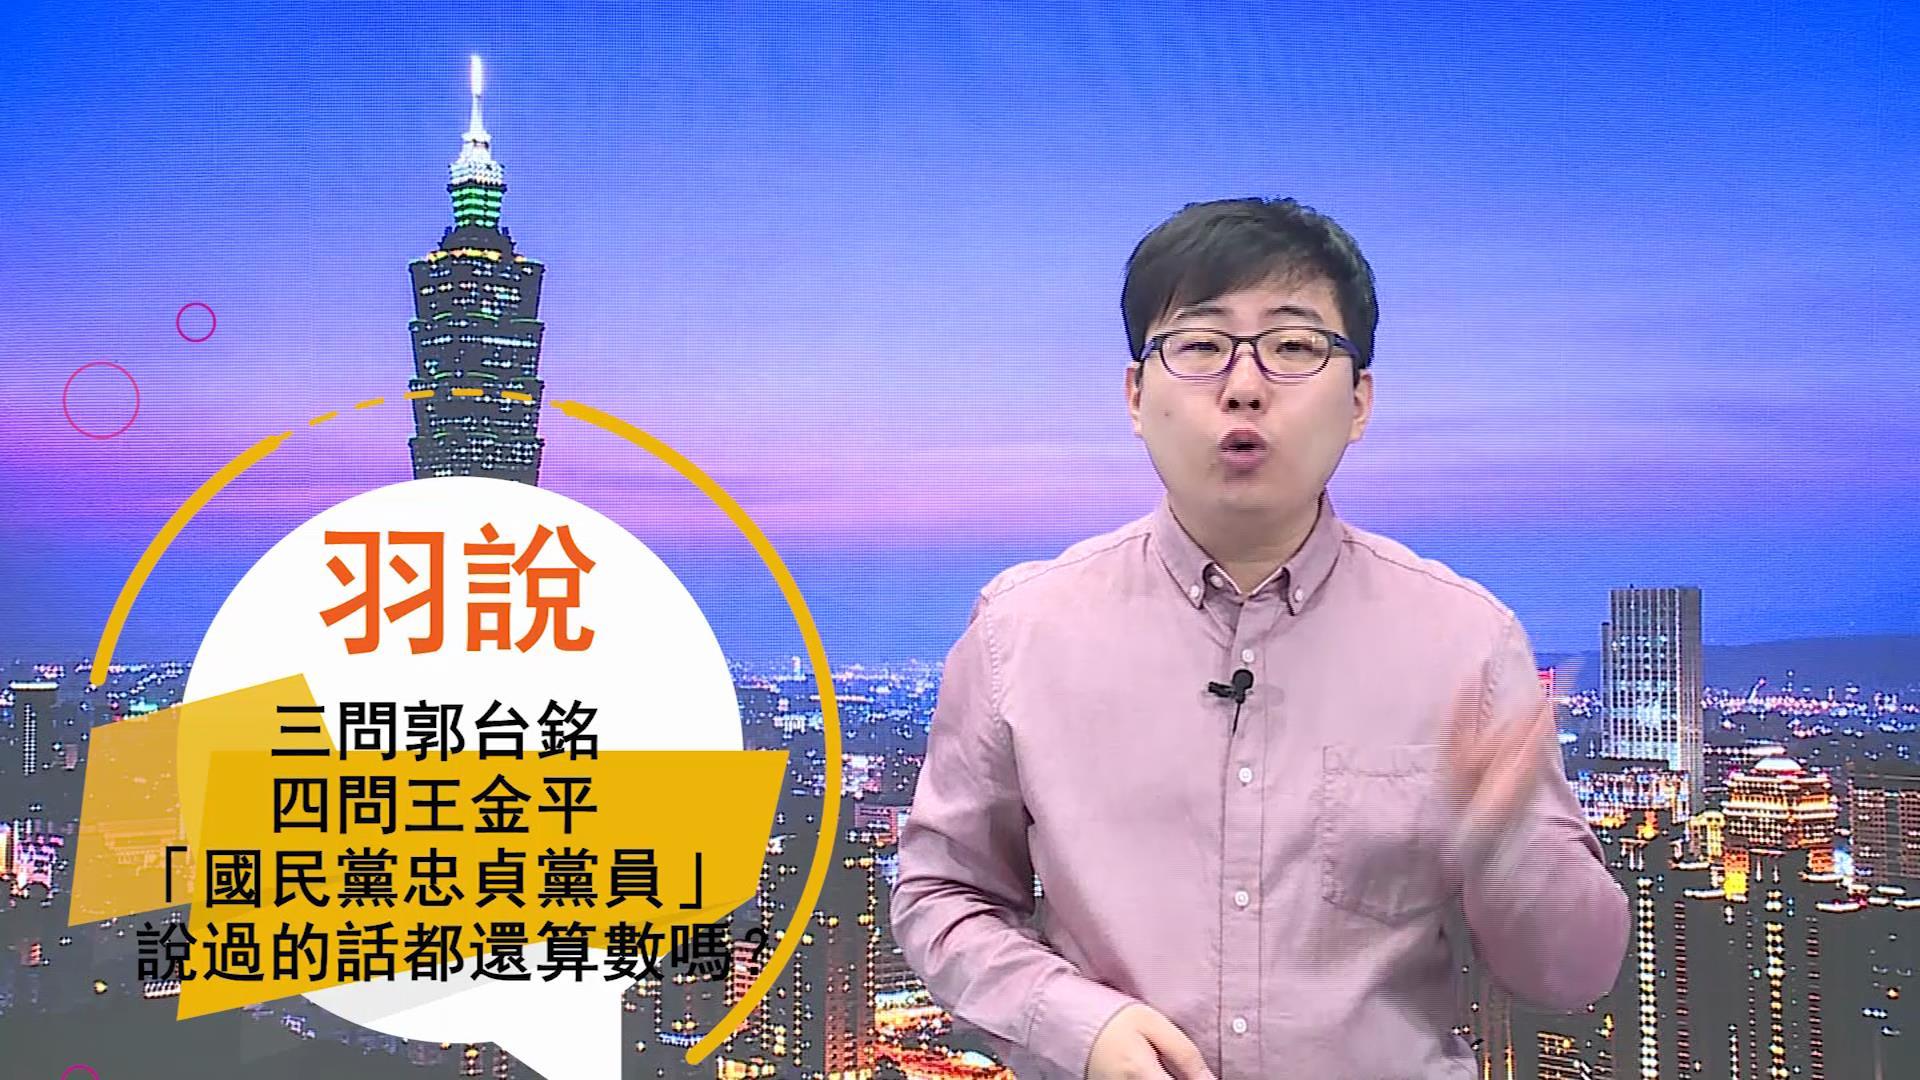 """三问郭台铭、四问王金平,""""国民党忠贞党员""""说过的话都还算数吗?图片"""